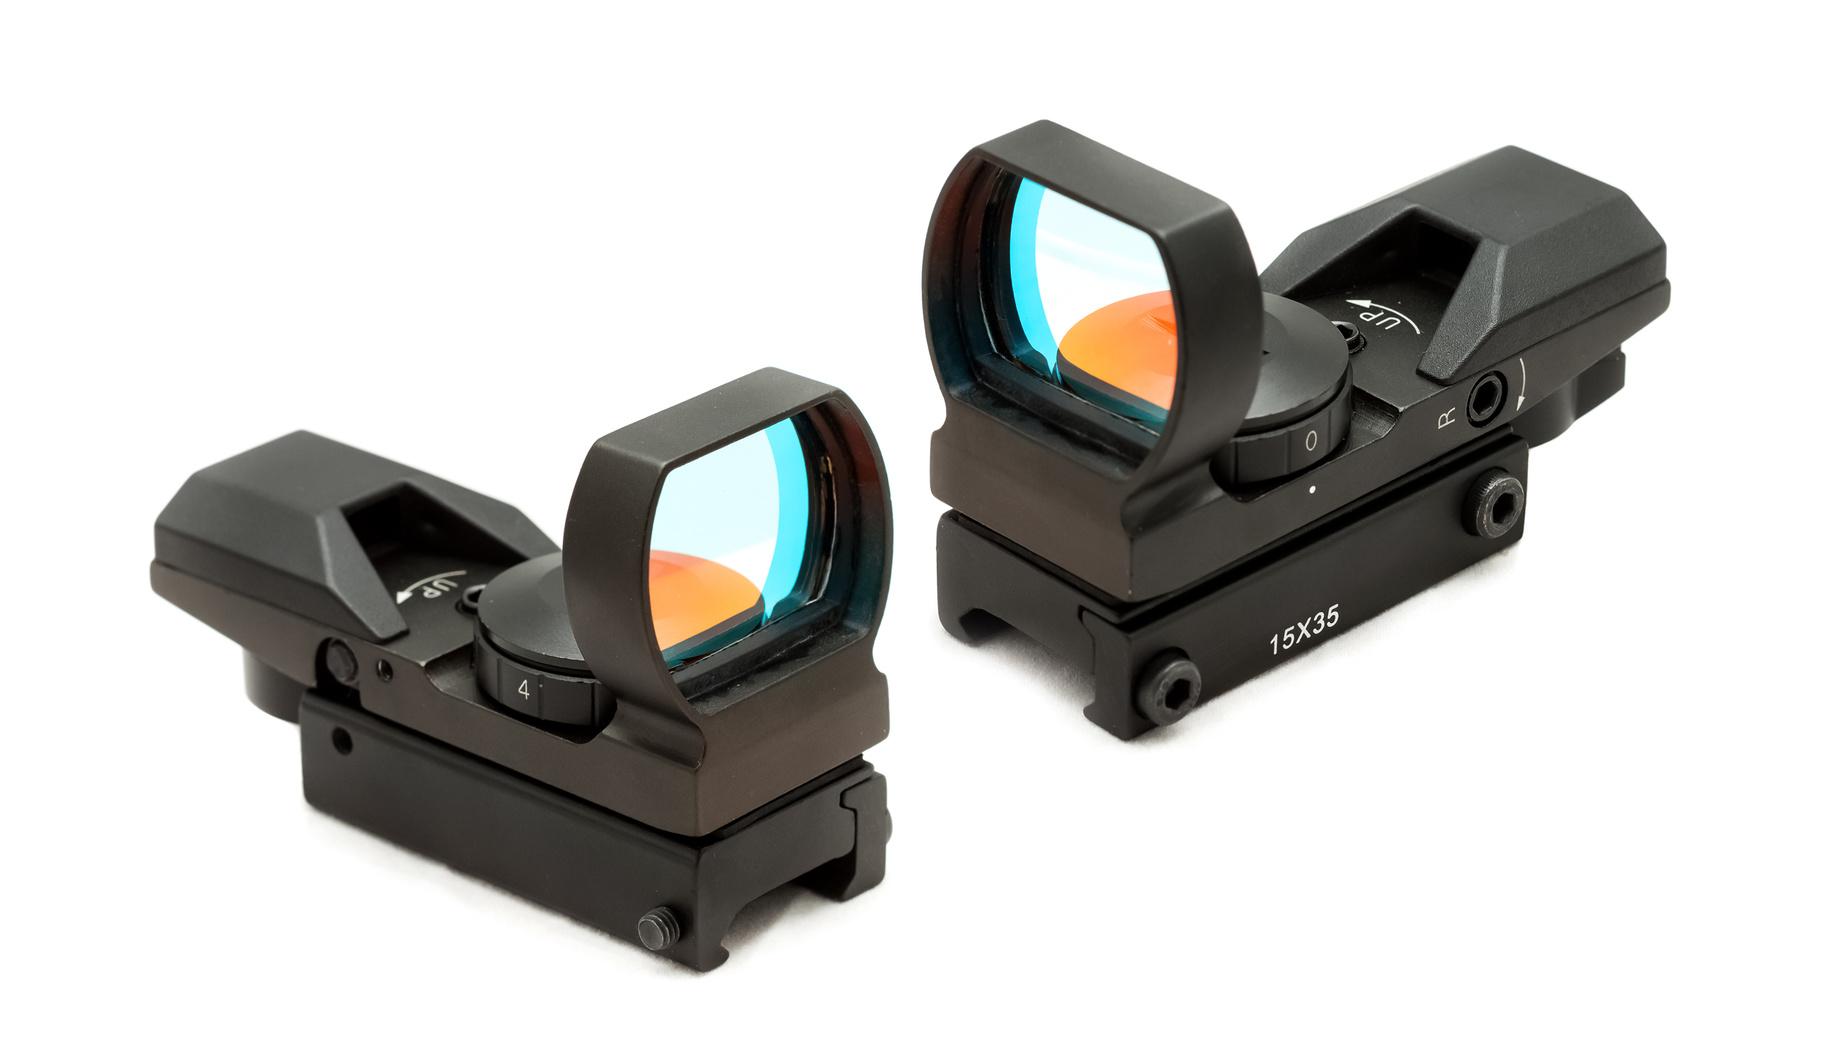 光学照準器ダットサイトでクセノンピンスポットライトの照準を作る